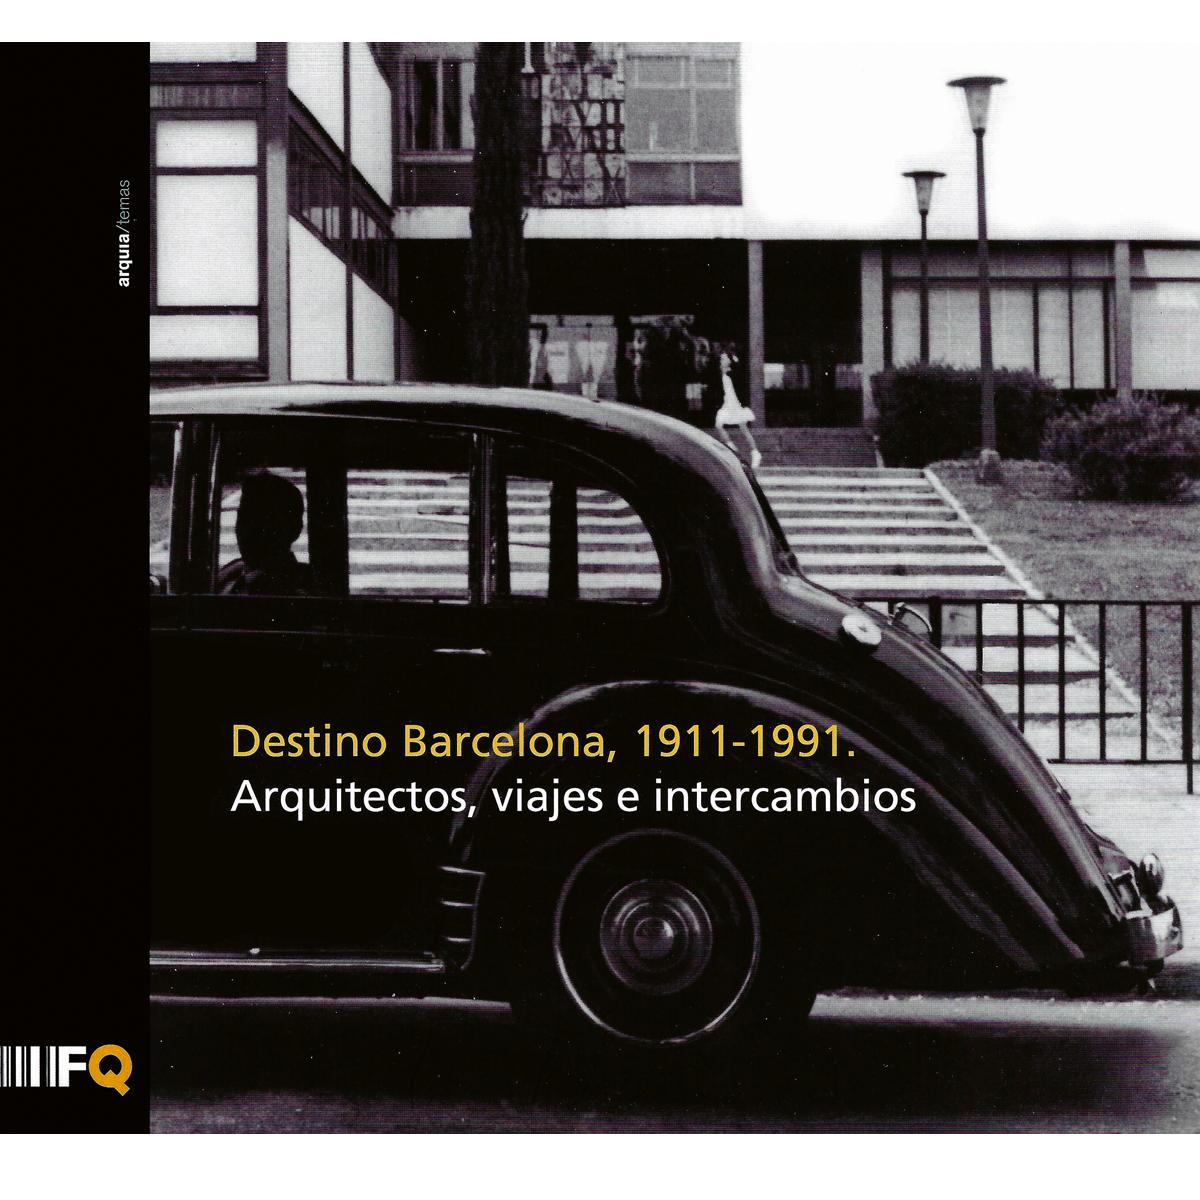 Destino Barcelona, 1911-1991